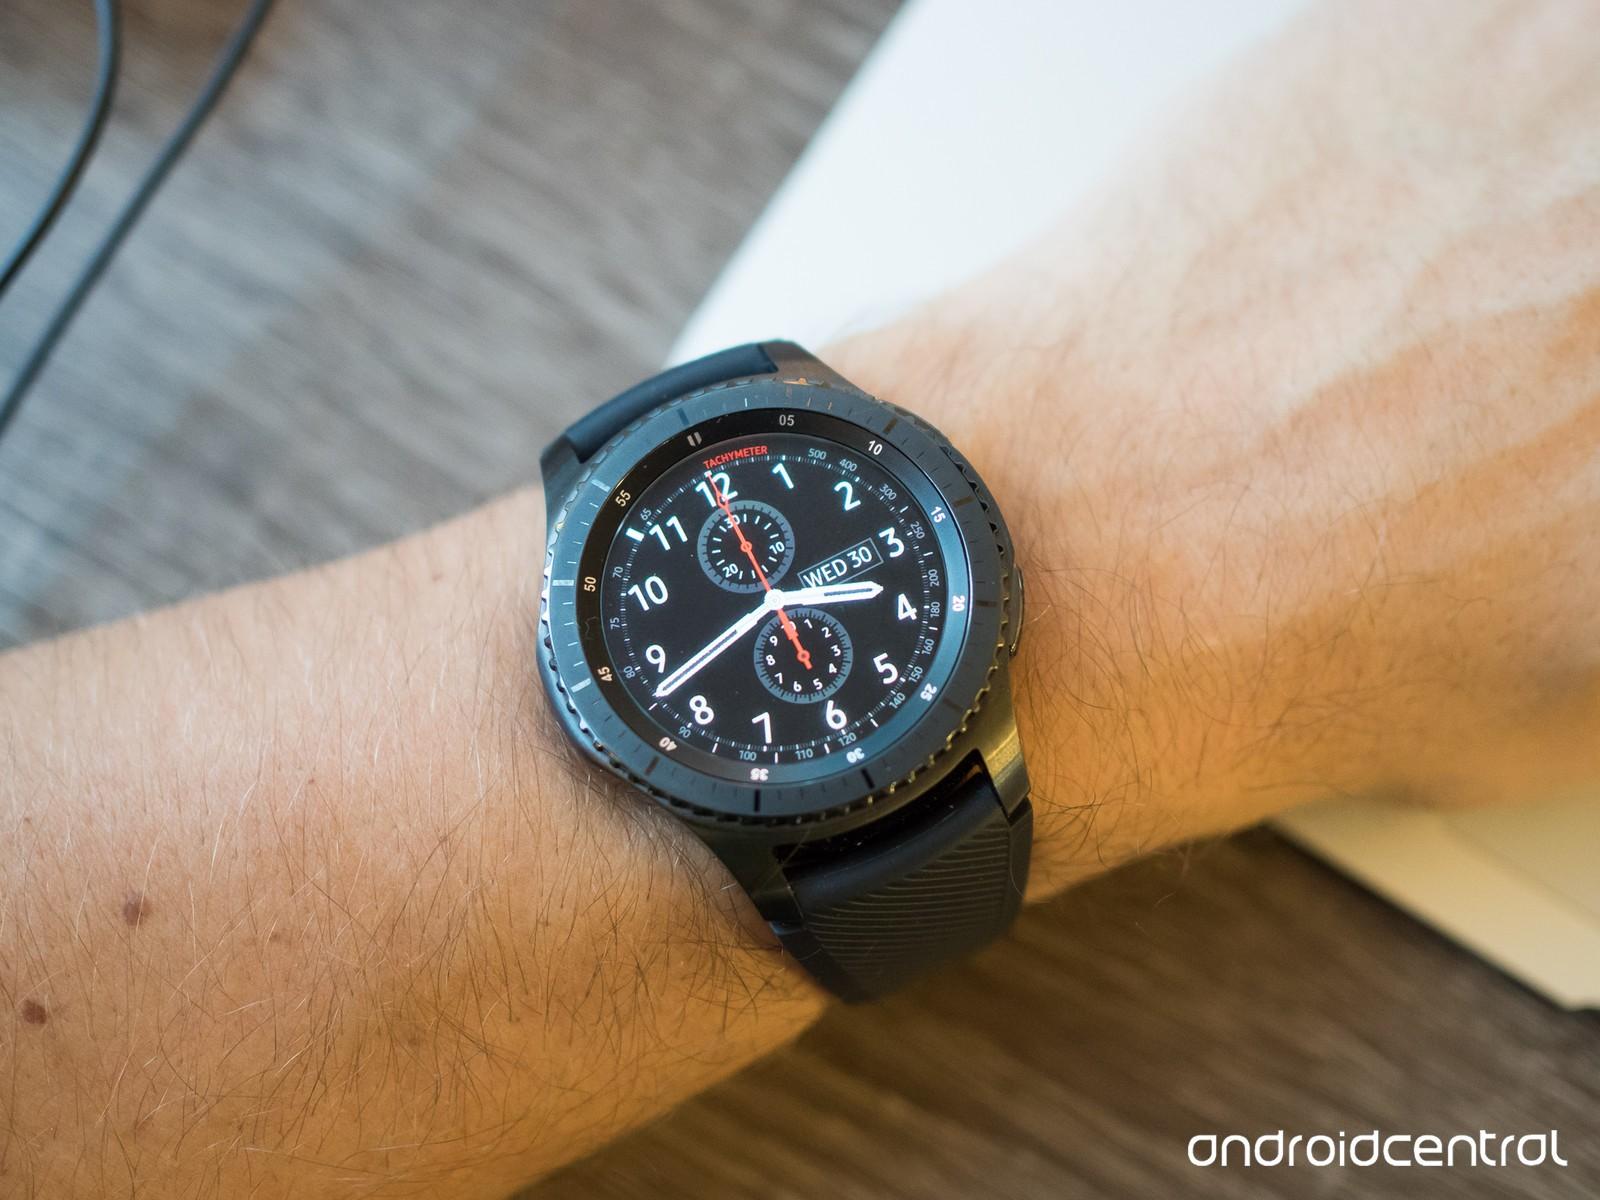 Samsung equipo S4 smartwatch puede usar OS lleve, no Tizen. Si es cierto, esto podría ser una gran victoria para Google.